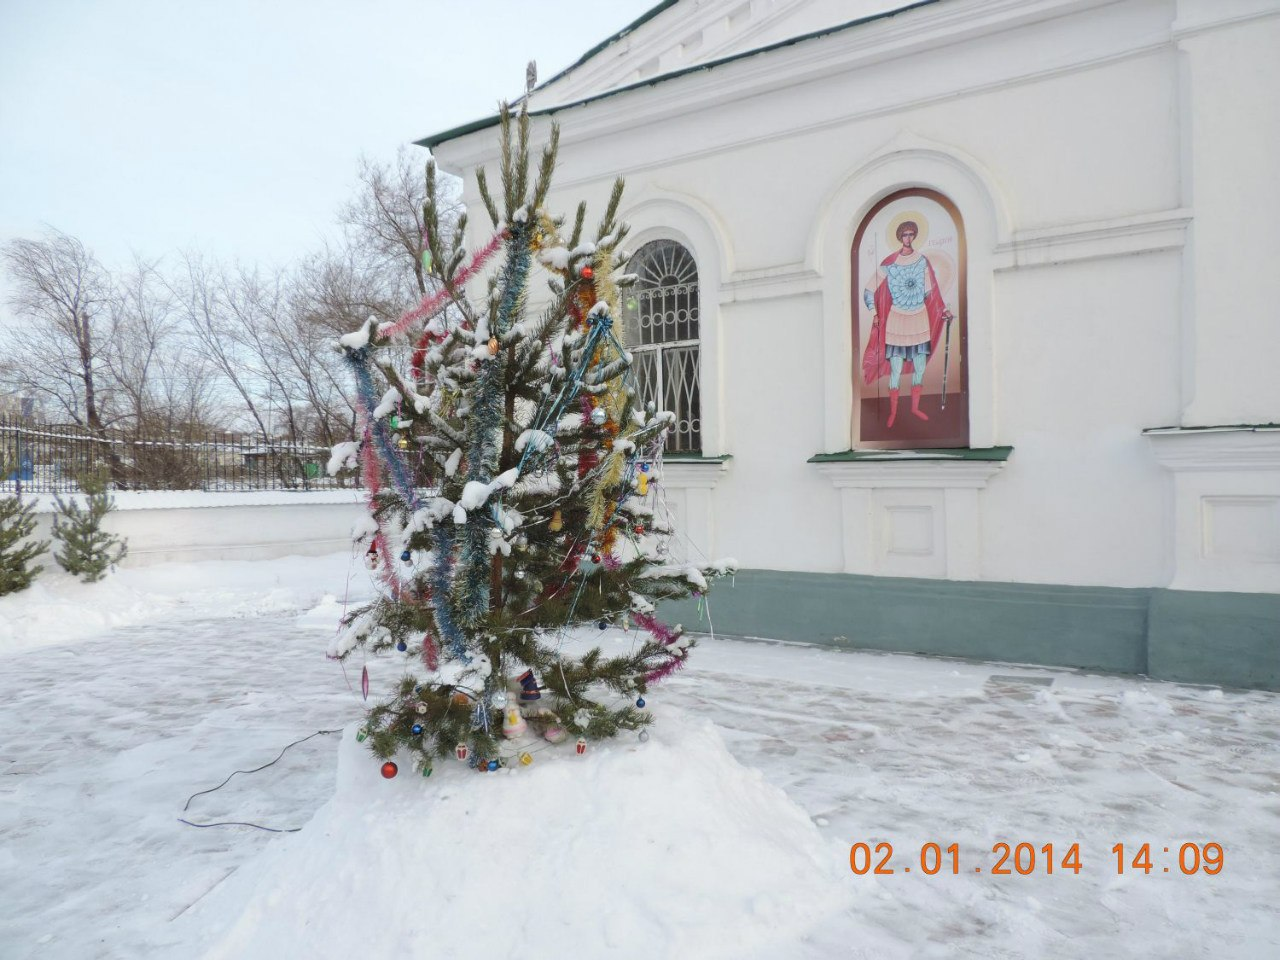 Елочка в церковном дворе (03.02.2014)